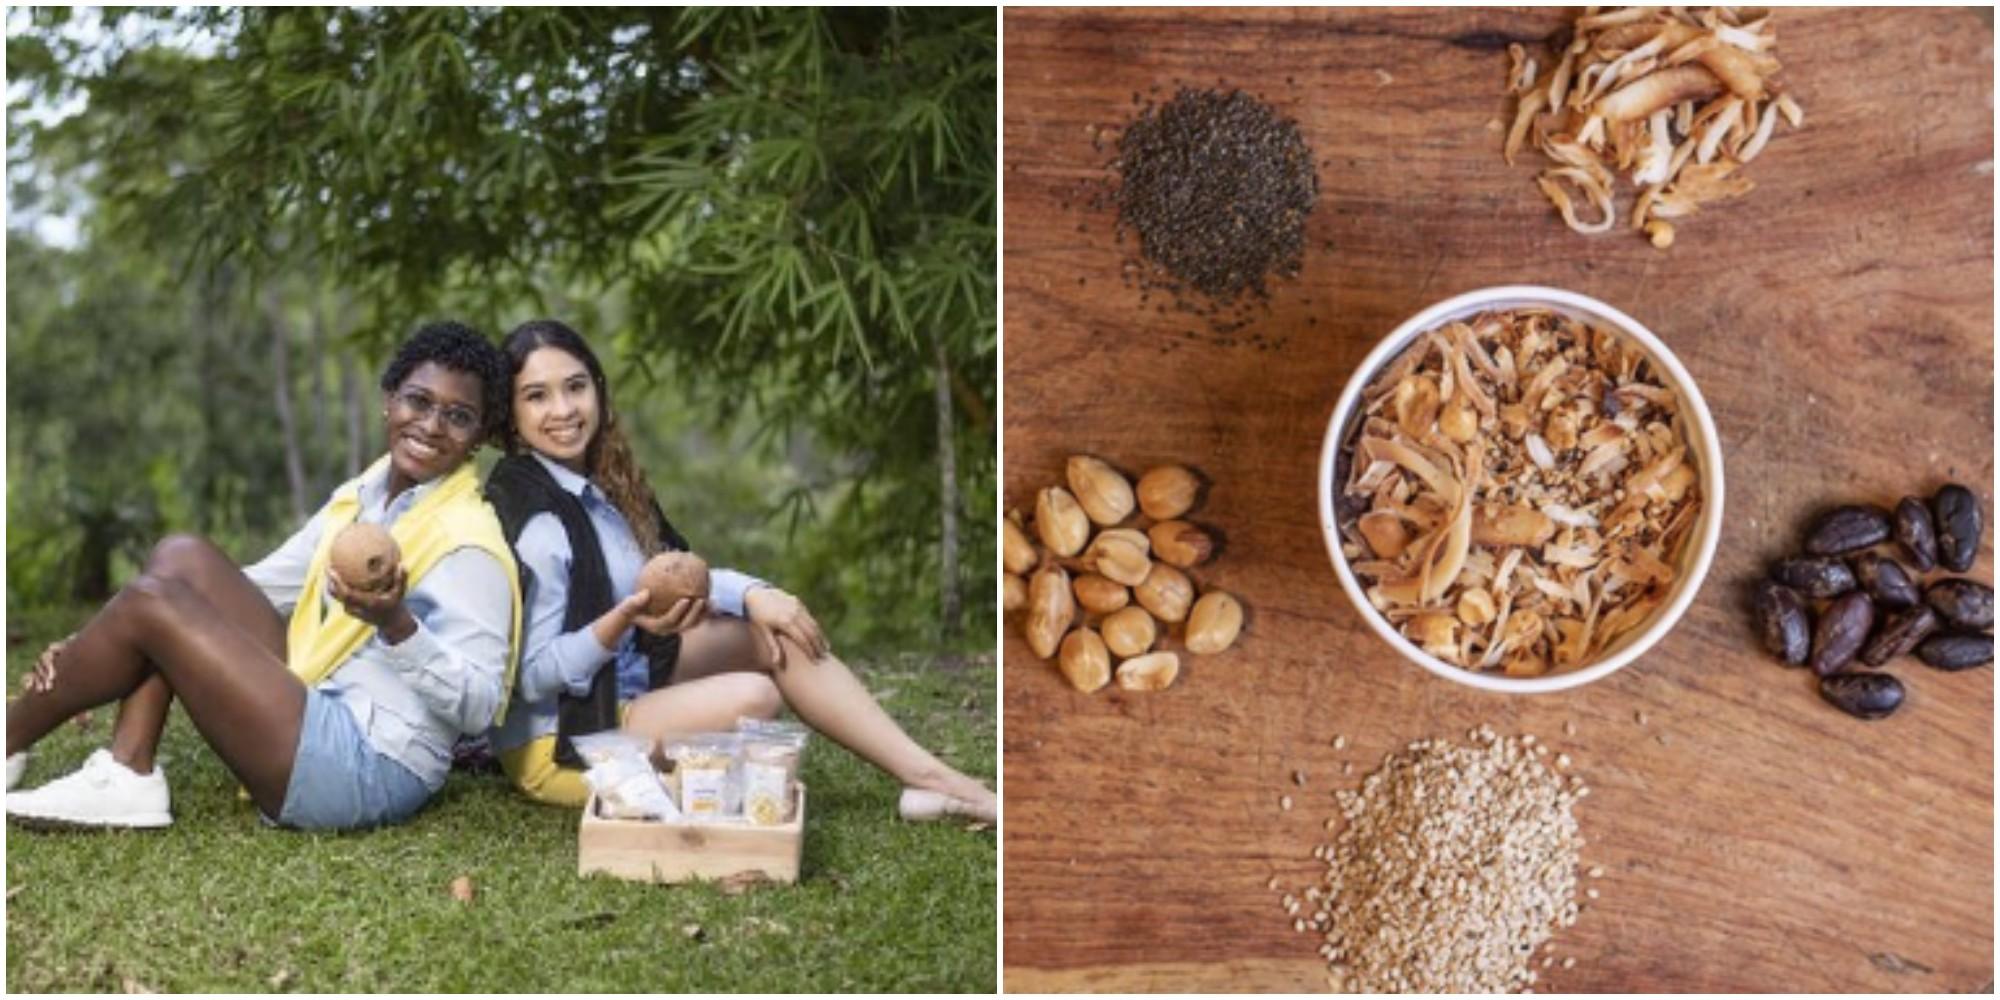 Nutriólogas hondureñas emprenden con snacks saludables